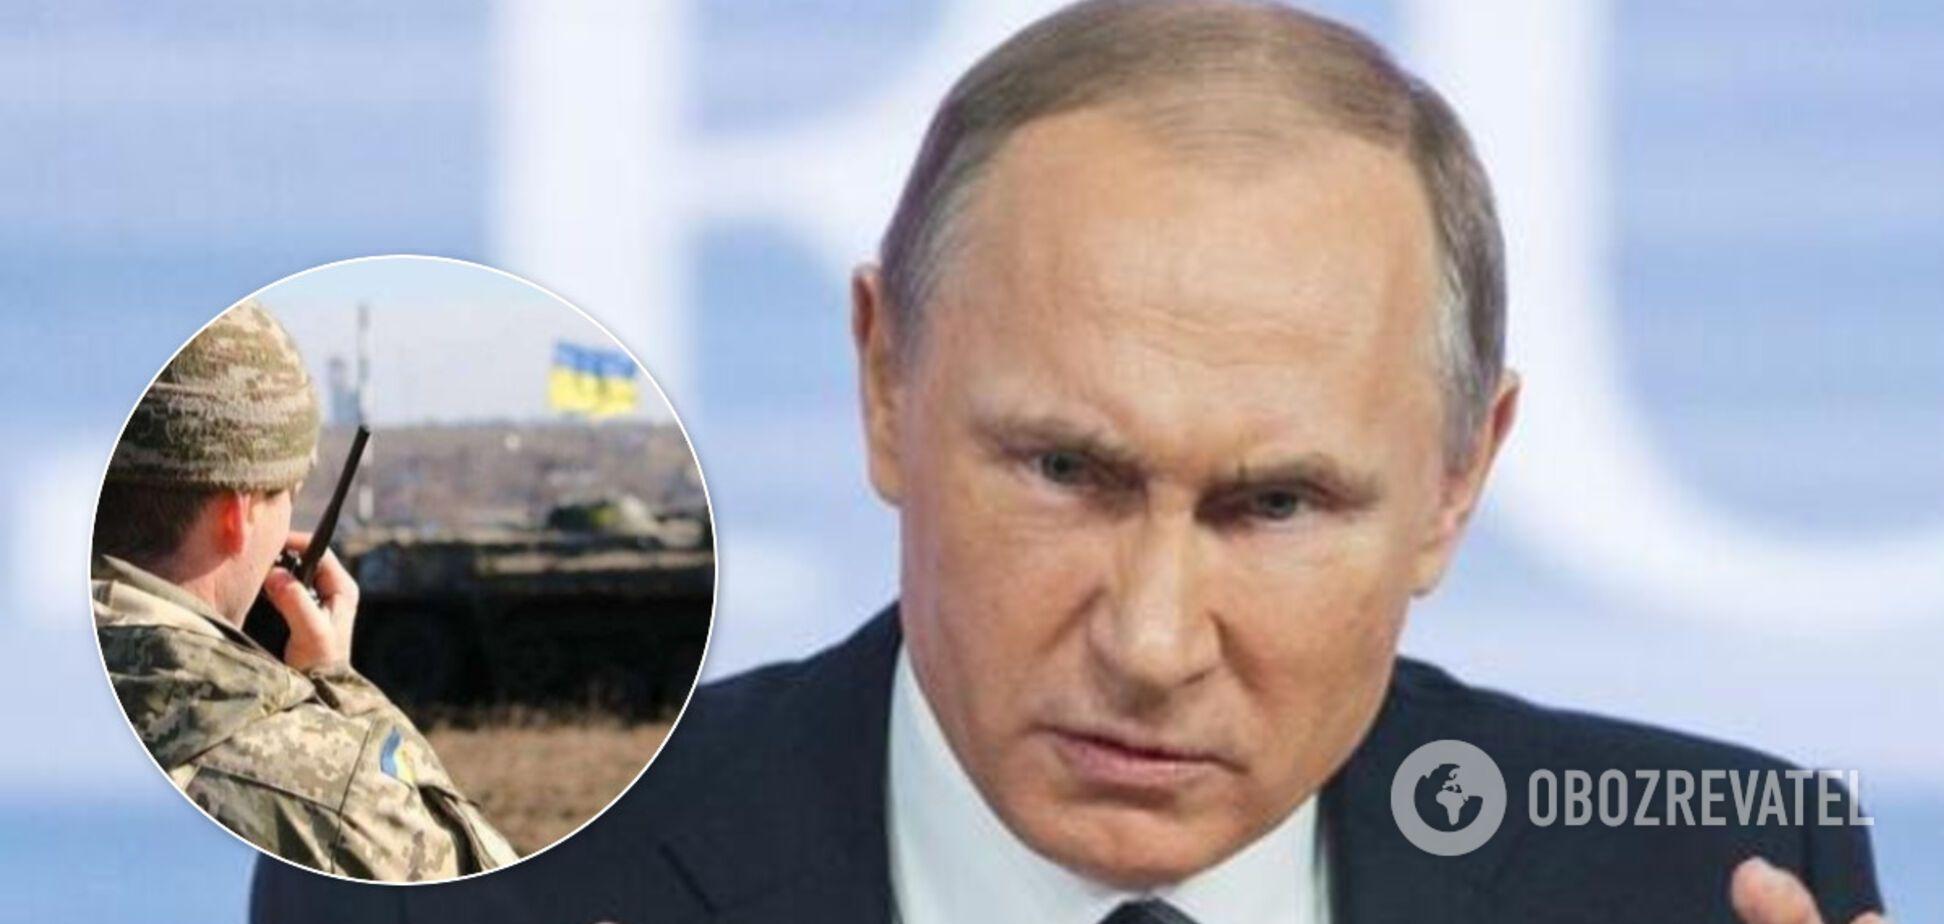 Росія може піти на поступки щодо Донбасу: Белковський назвав головну умову